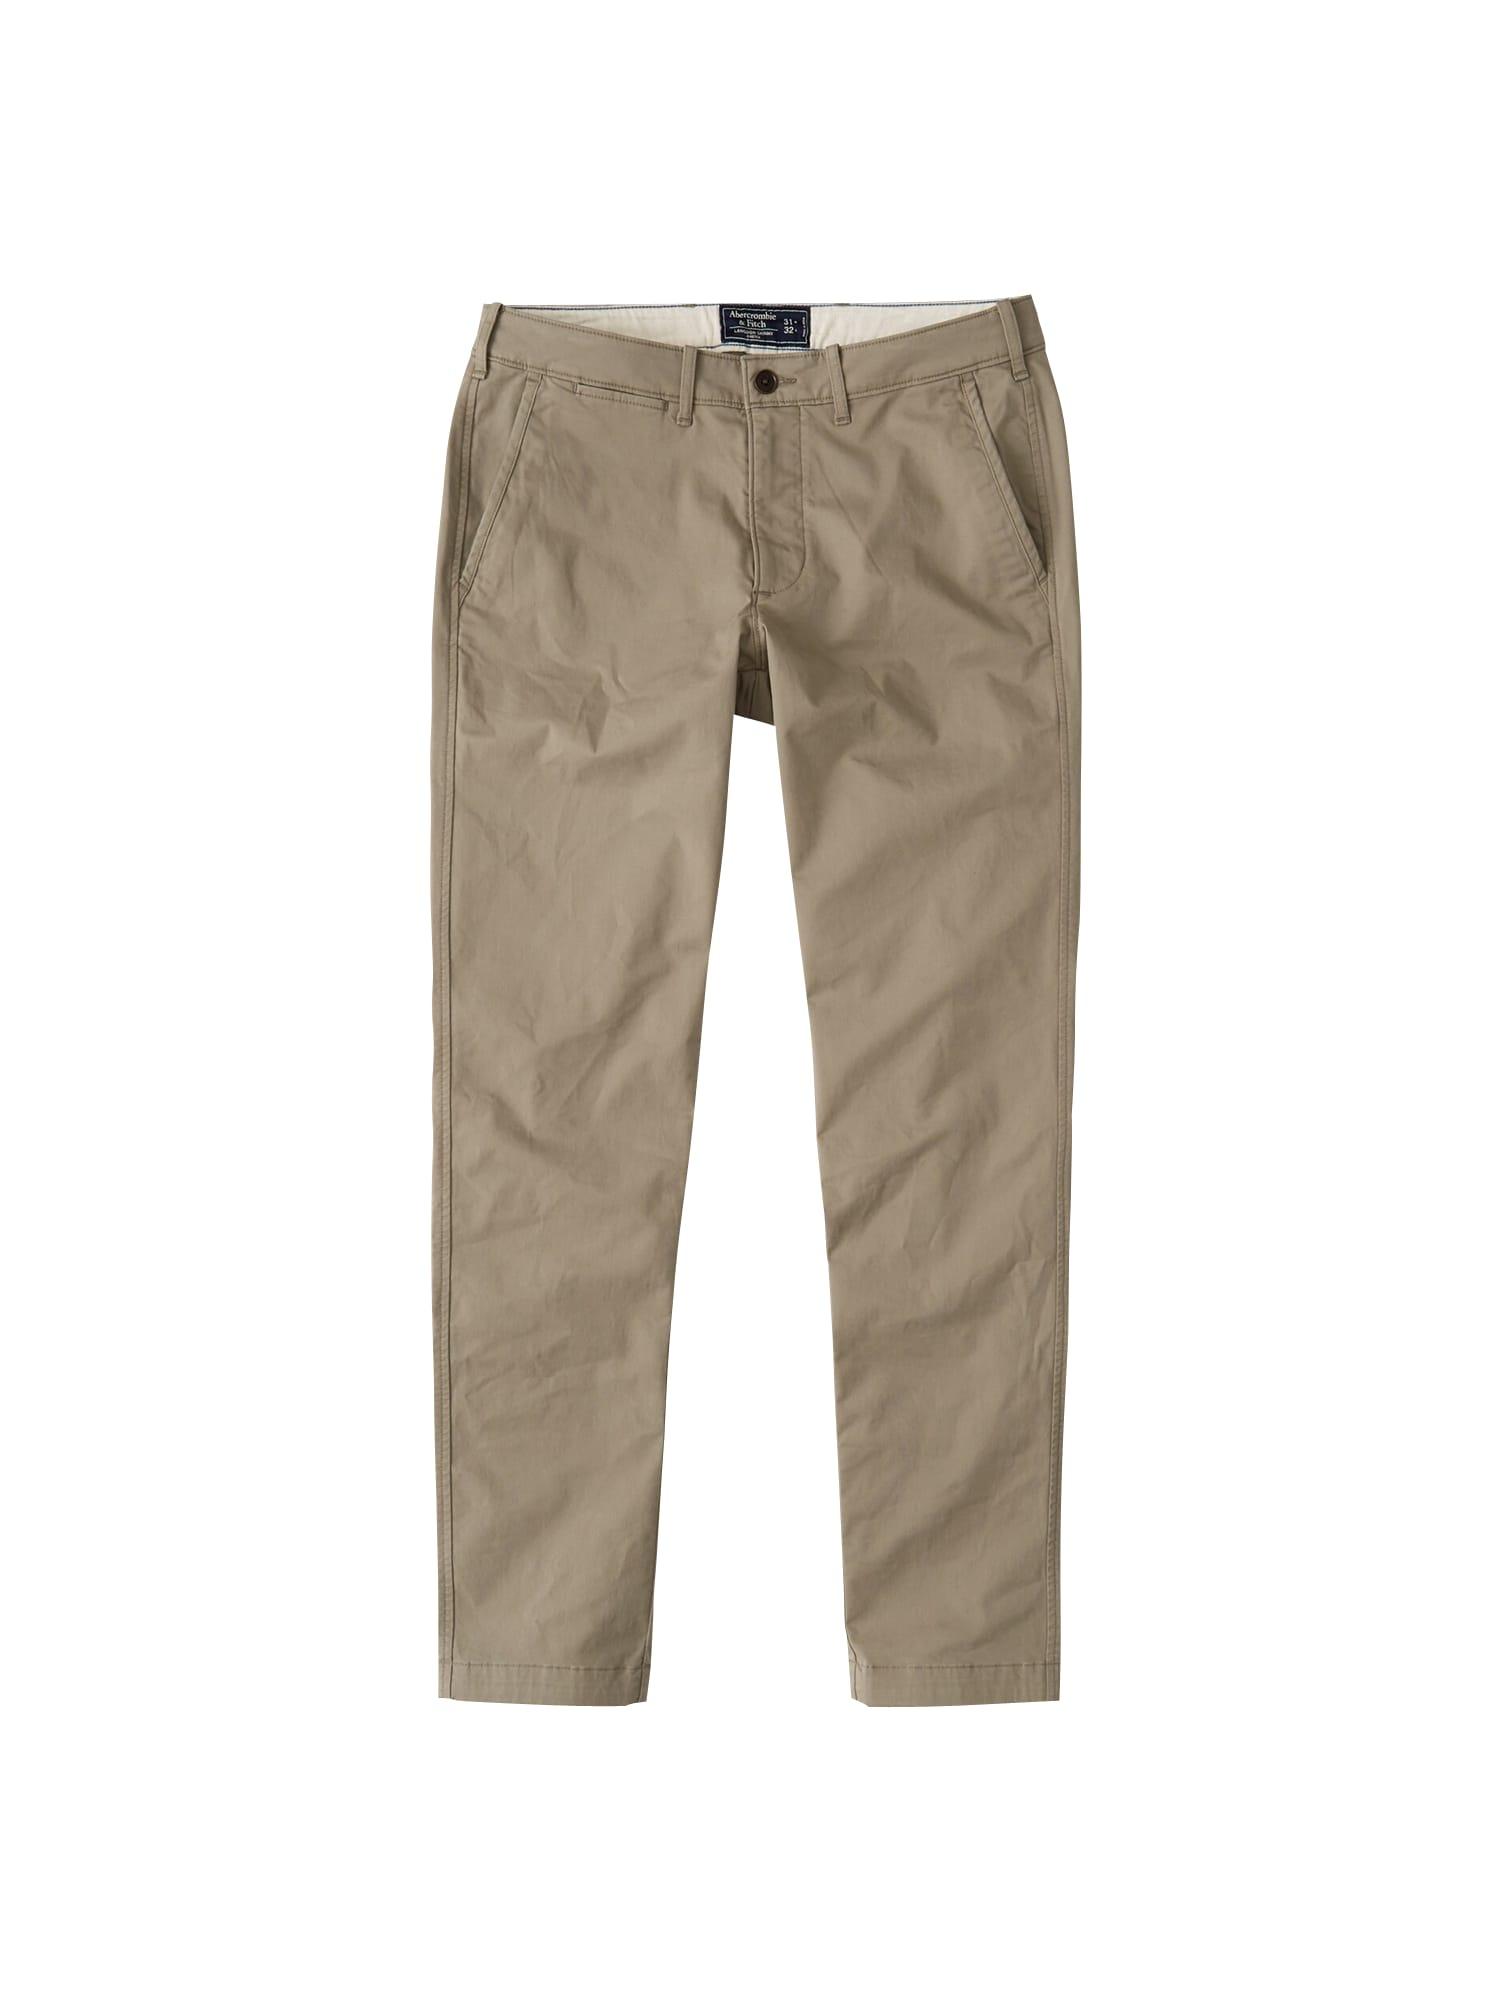 Chino kalhoty SB19-SKINNY LT BRN R14 1CC  světle hnědá Abercrombie & Fitch